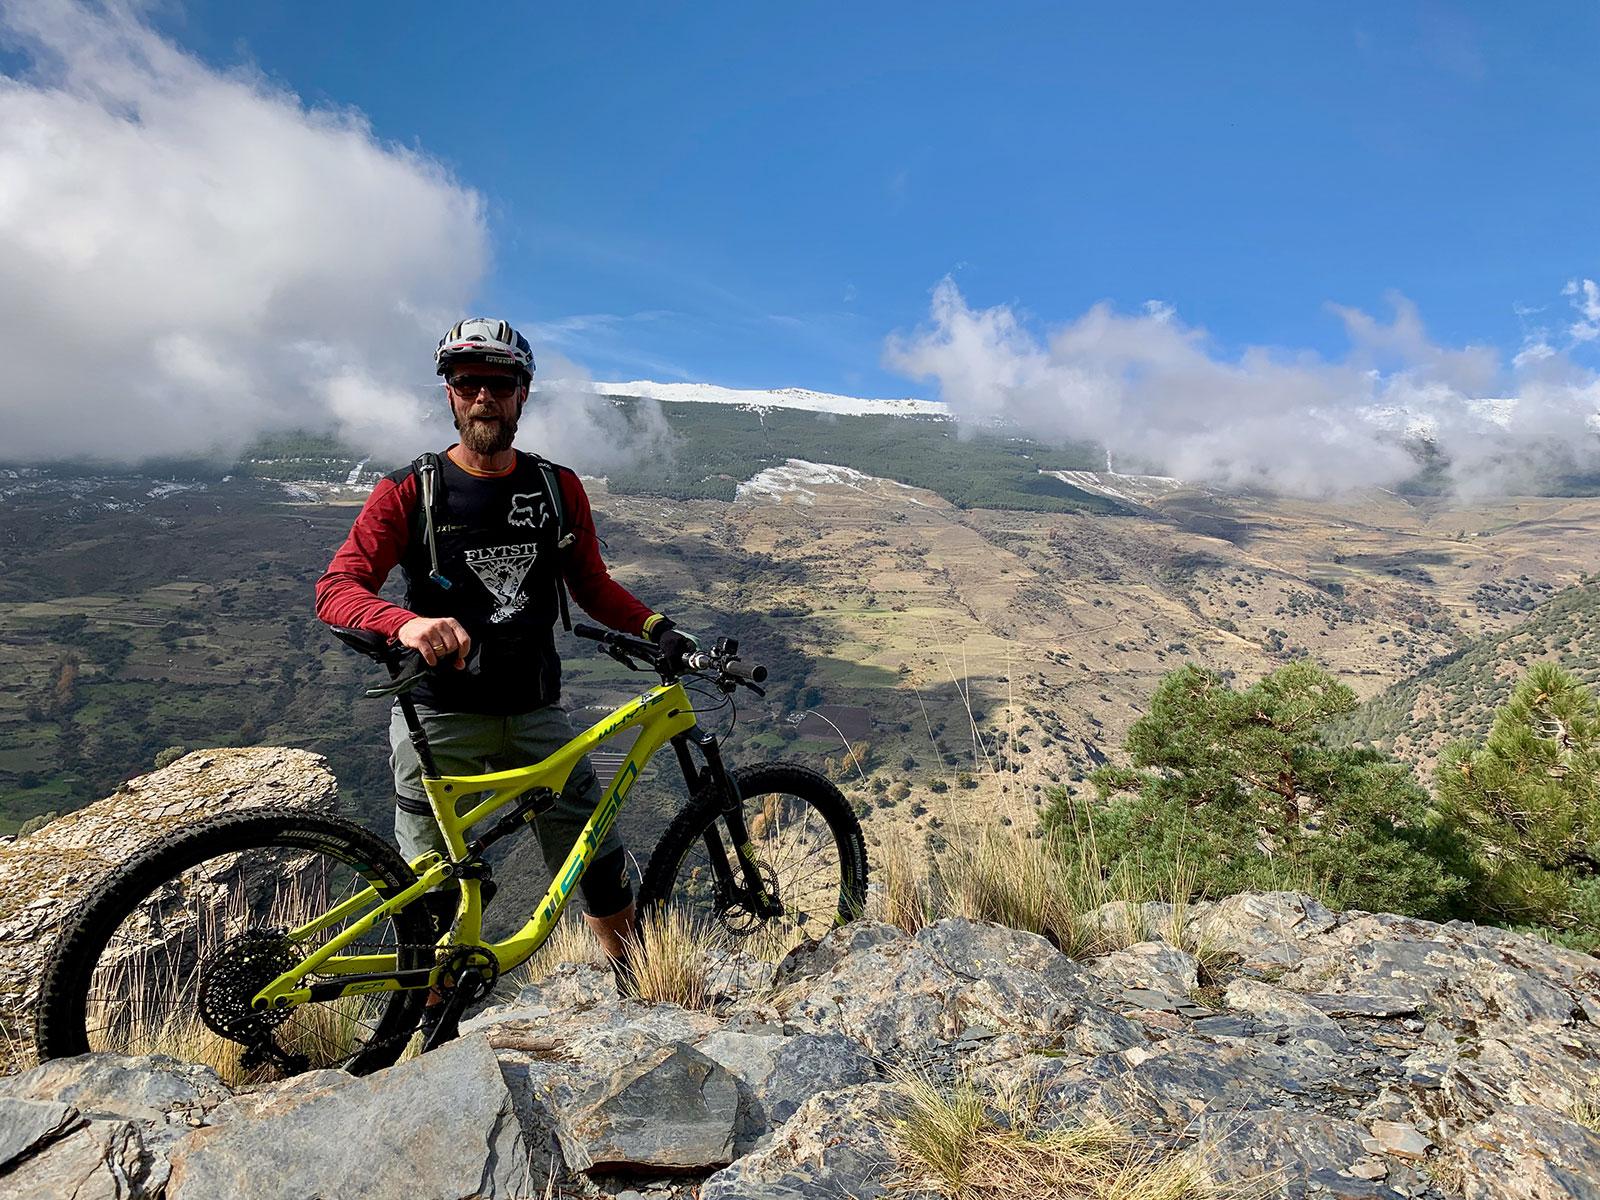 Truls på tur hos Pure Mountains - Reisebrev fra Flytsti